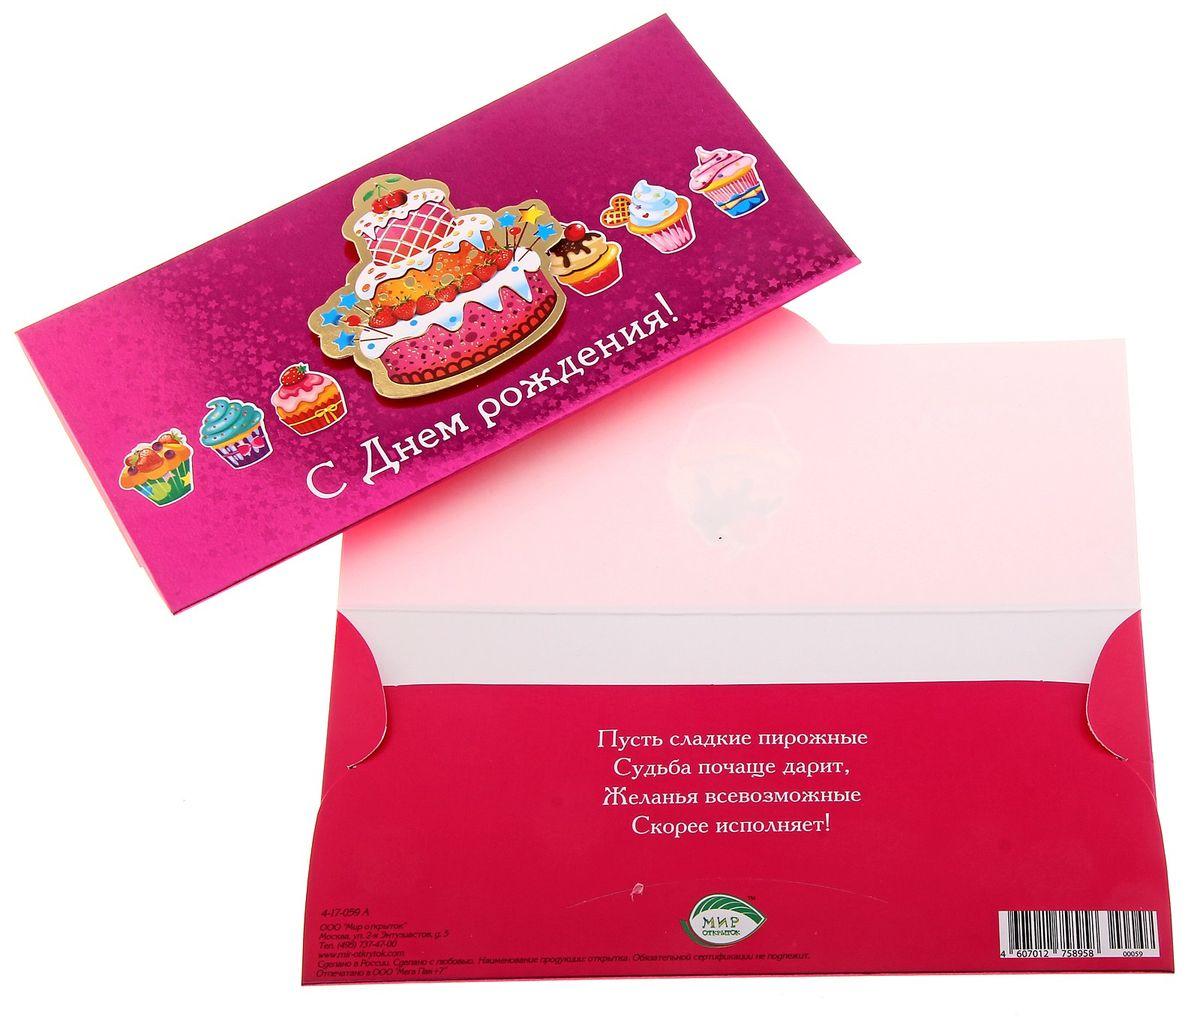 Конверт для денег С Днем рождения! 158839 конверт для денег с днем рождения 1092050